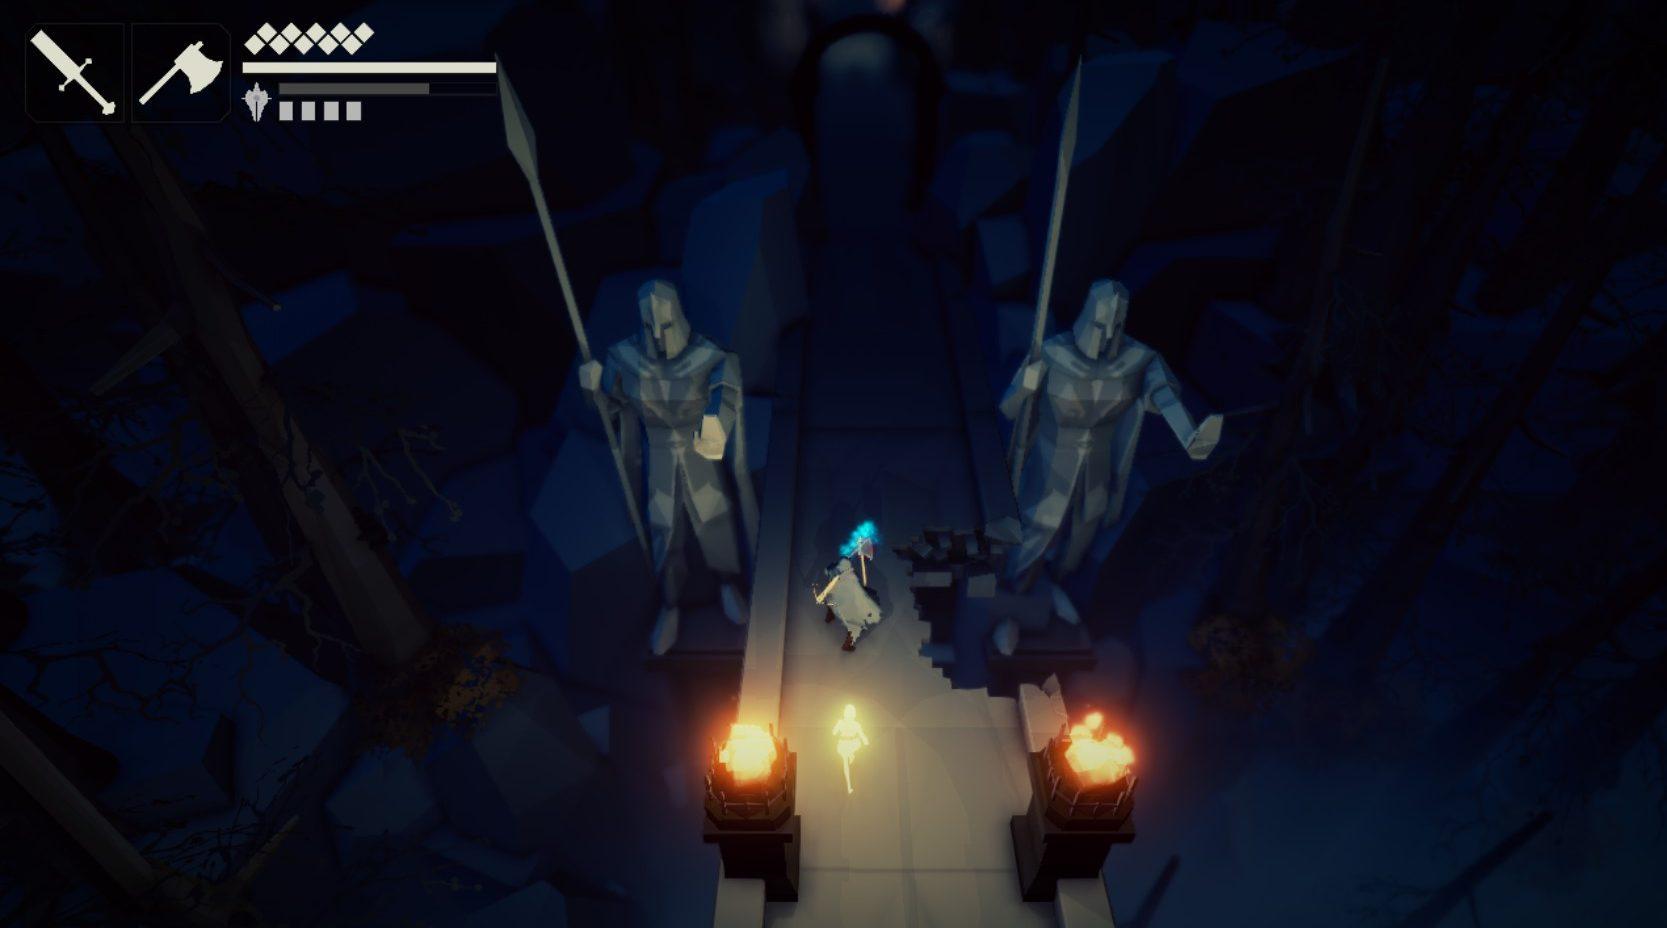 Imagem conceitual do jogo indie italiano Fall of Light, do estúdio RuneHeads. O jogo é inspirado em Dark Souls e Ico. Nyx e Aether cruzam uma ponte de pedra, margeada por duas imensas estátuas.